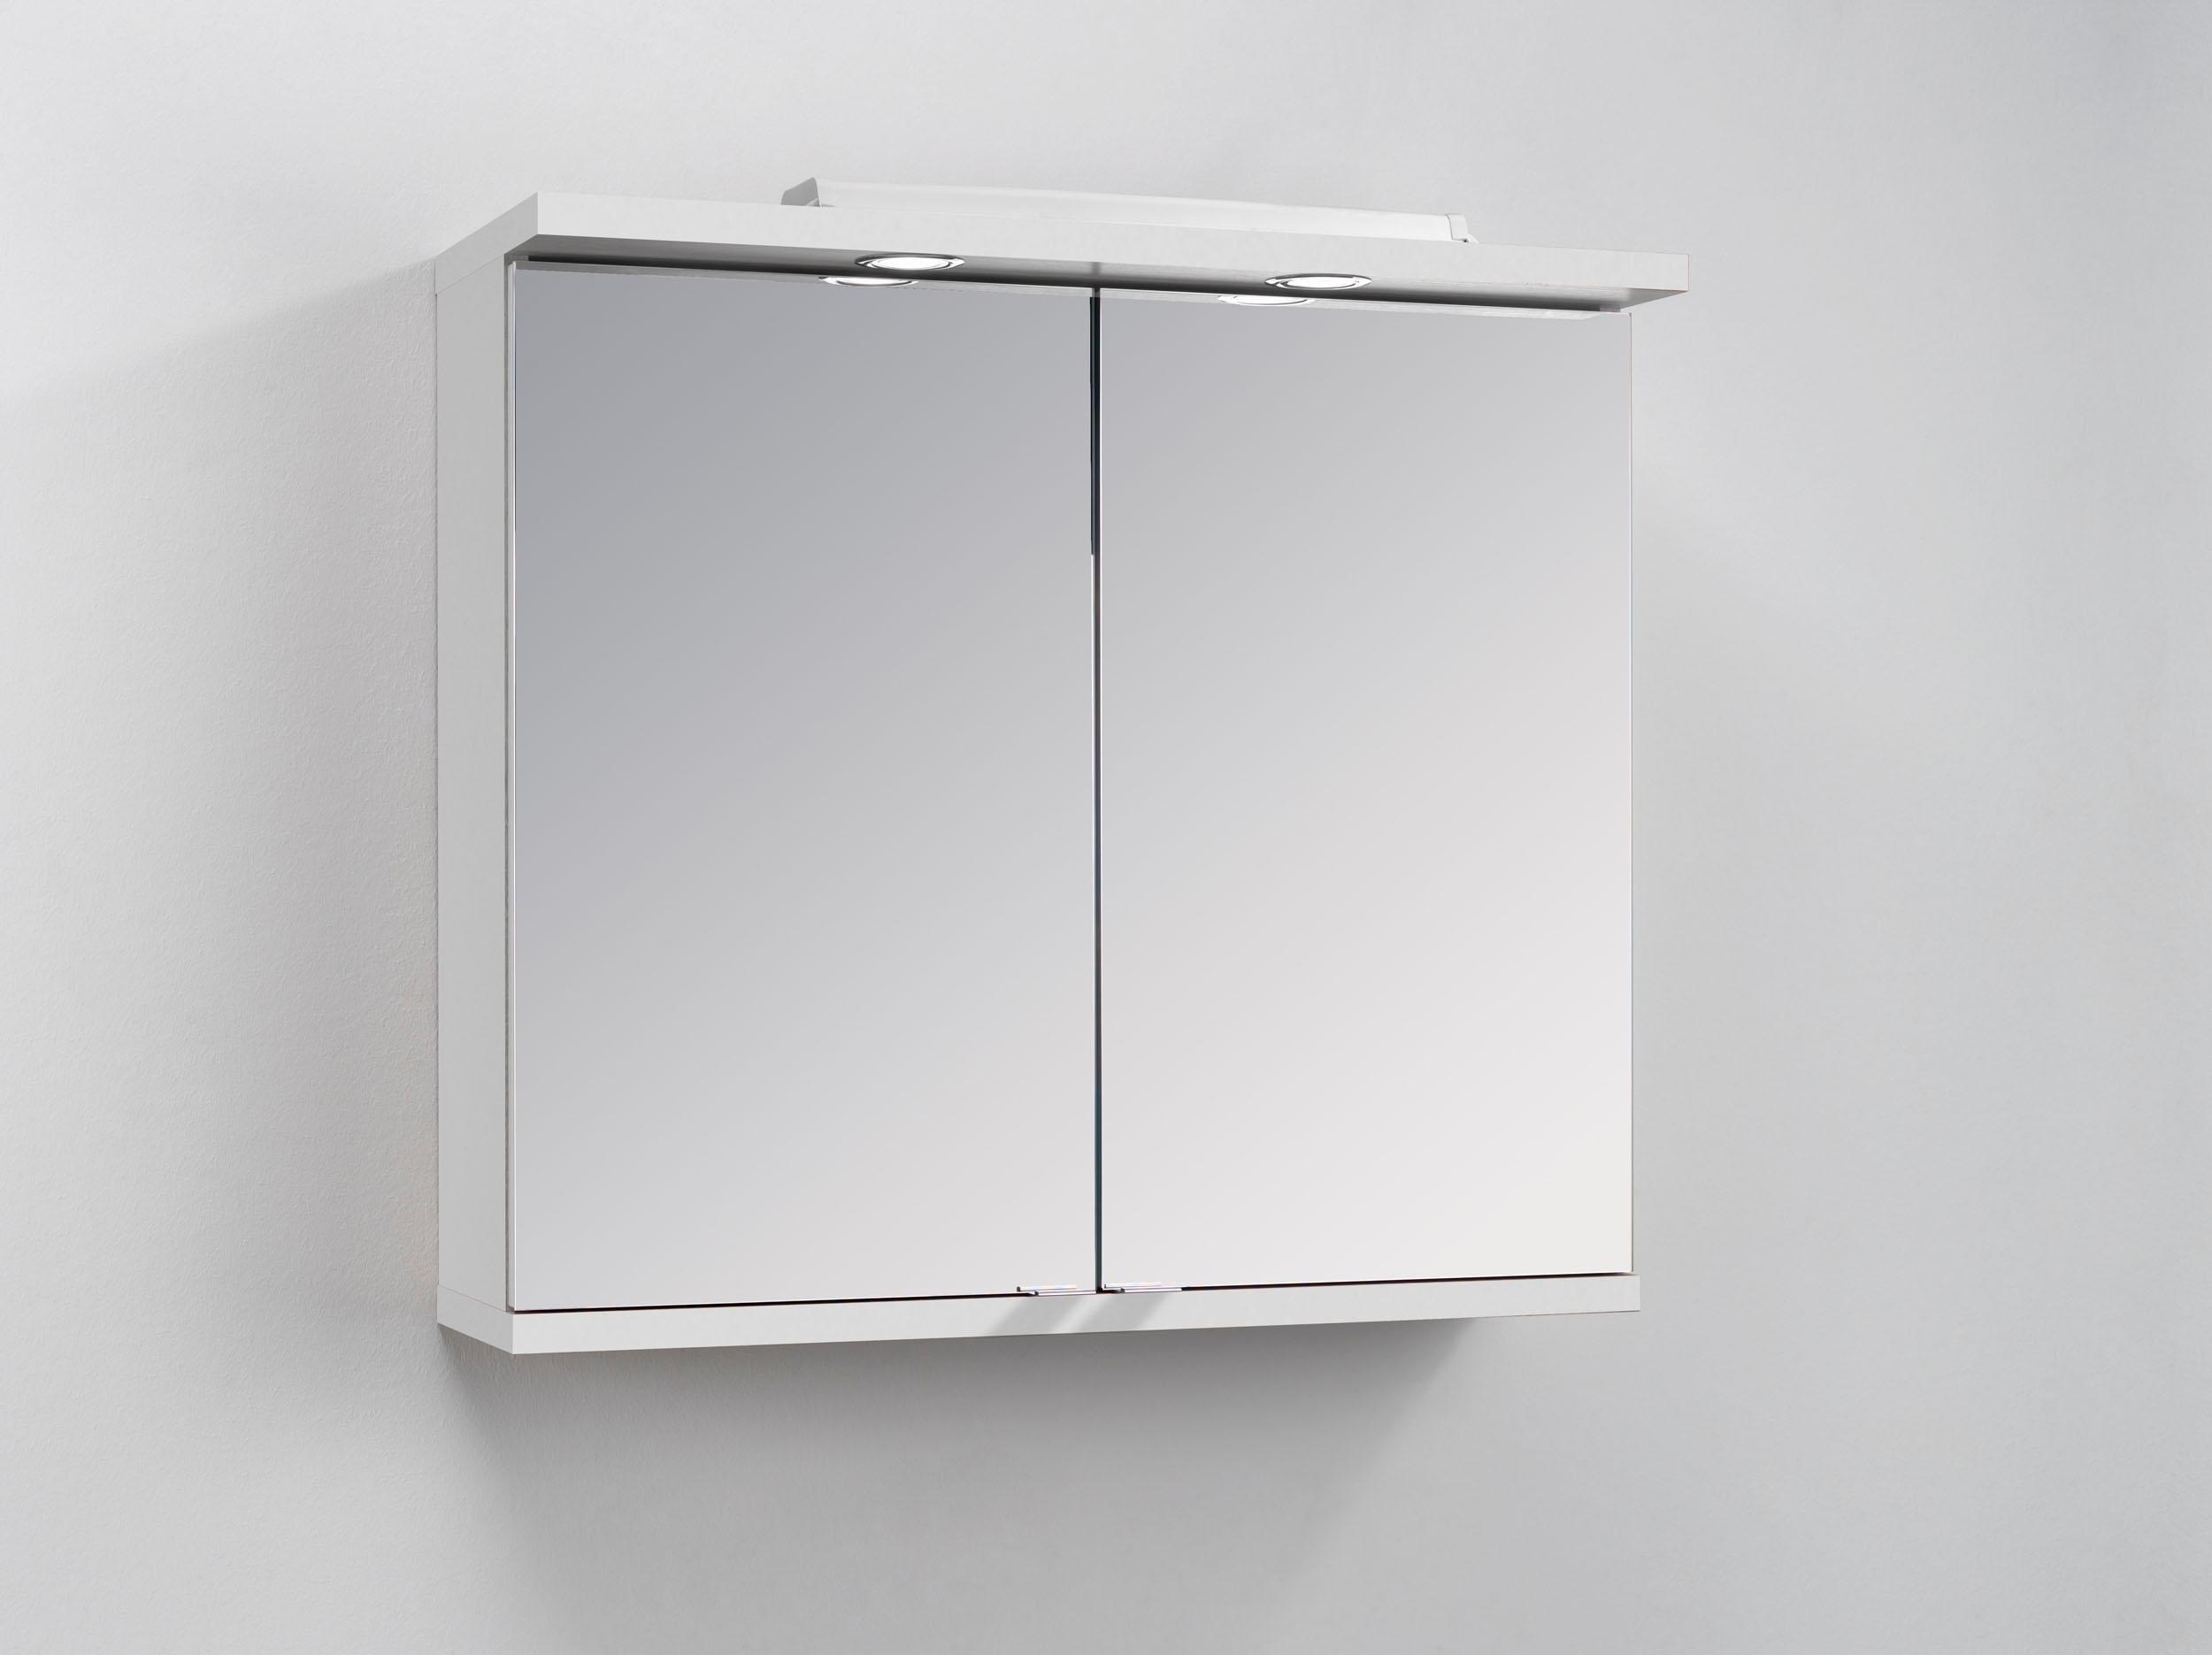 Homexperts spiegelkast Nusa Breedte 80 cm, met ledverlichting en schakelaar-stopcontactbox, achter de spiegeldeuren praktische legplanken - verschillende betaalmethodes